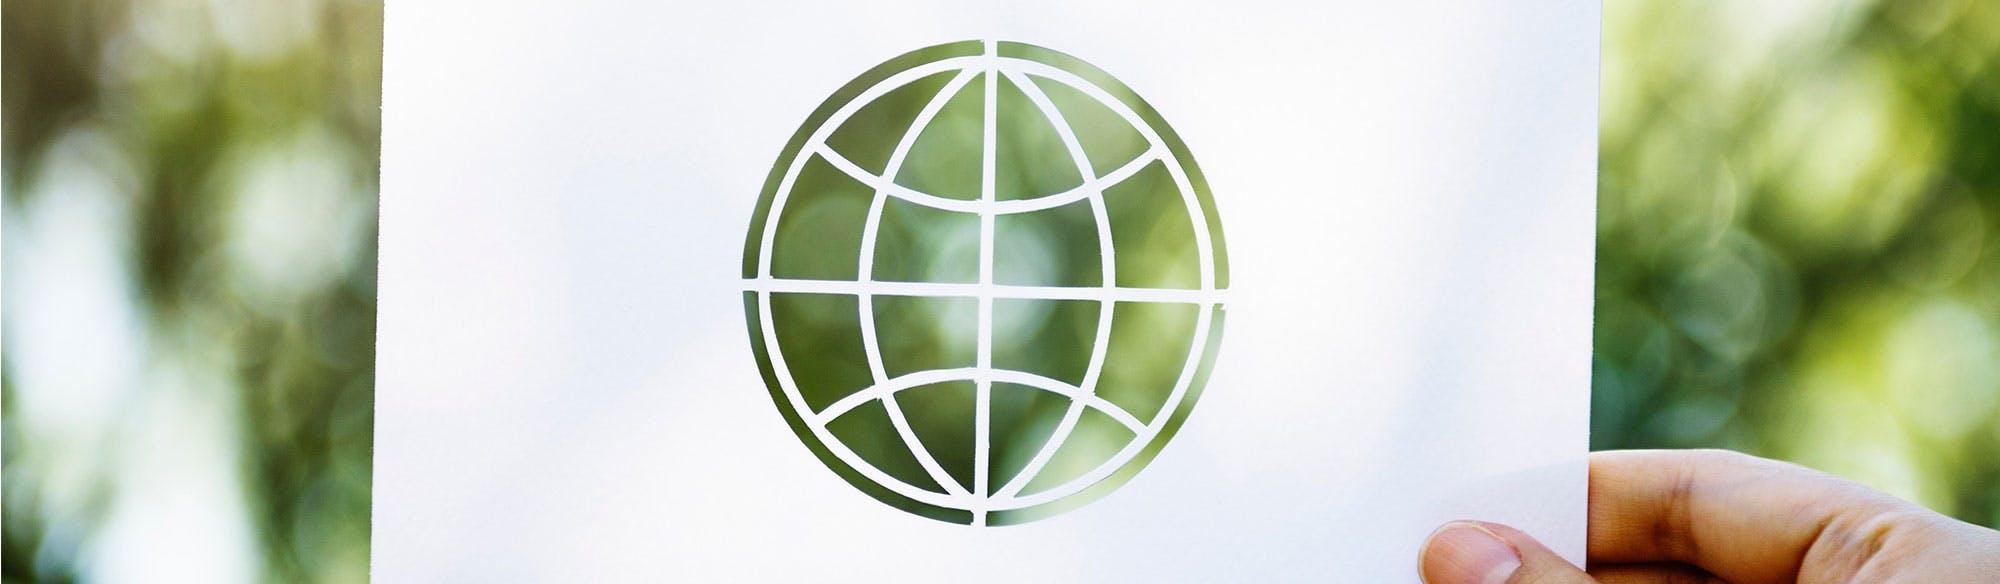 Economia circolare per raggiungere la sostenibilità